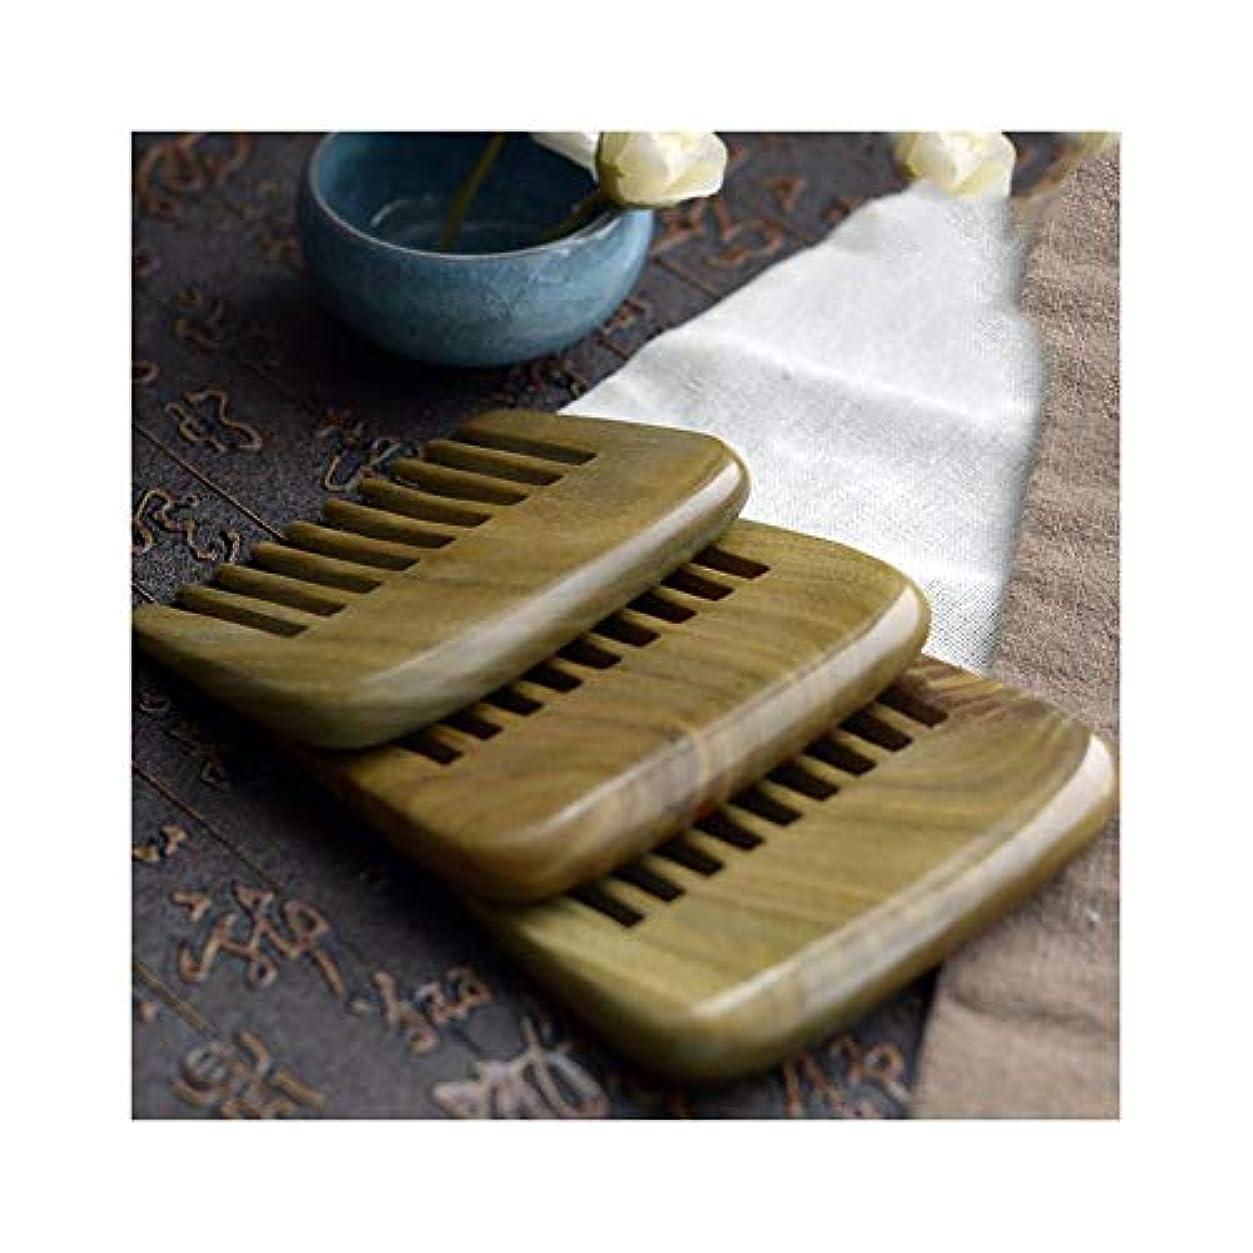 熟考する無駄パノラマFashianグリーンサンダルウッドワイド歯ナチュラルくし、手作りの木製くし抗静的ヘアブラシ ヘアケア